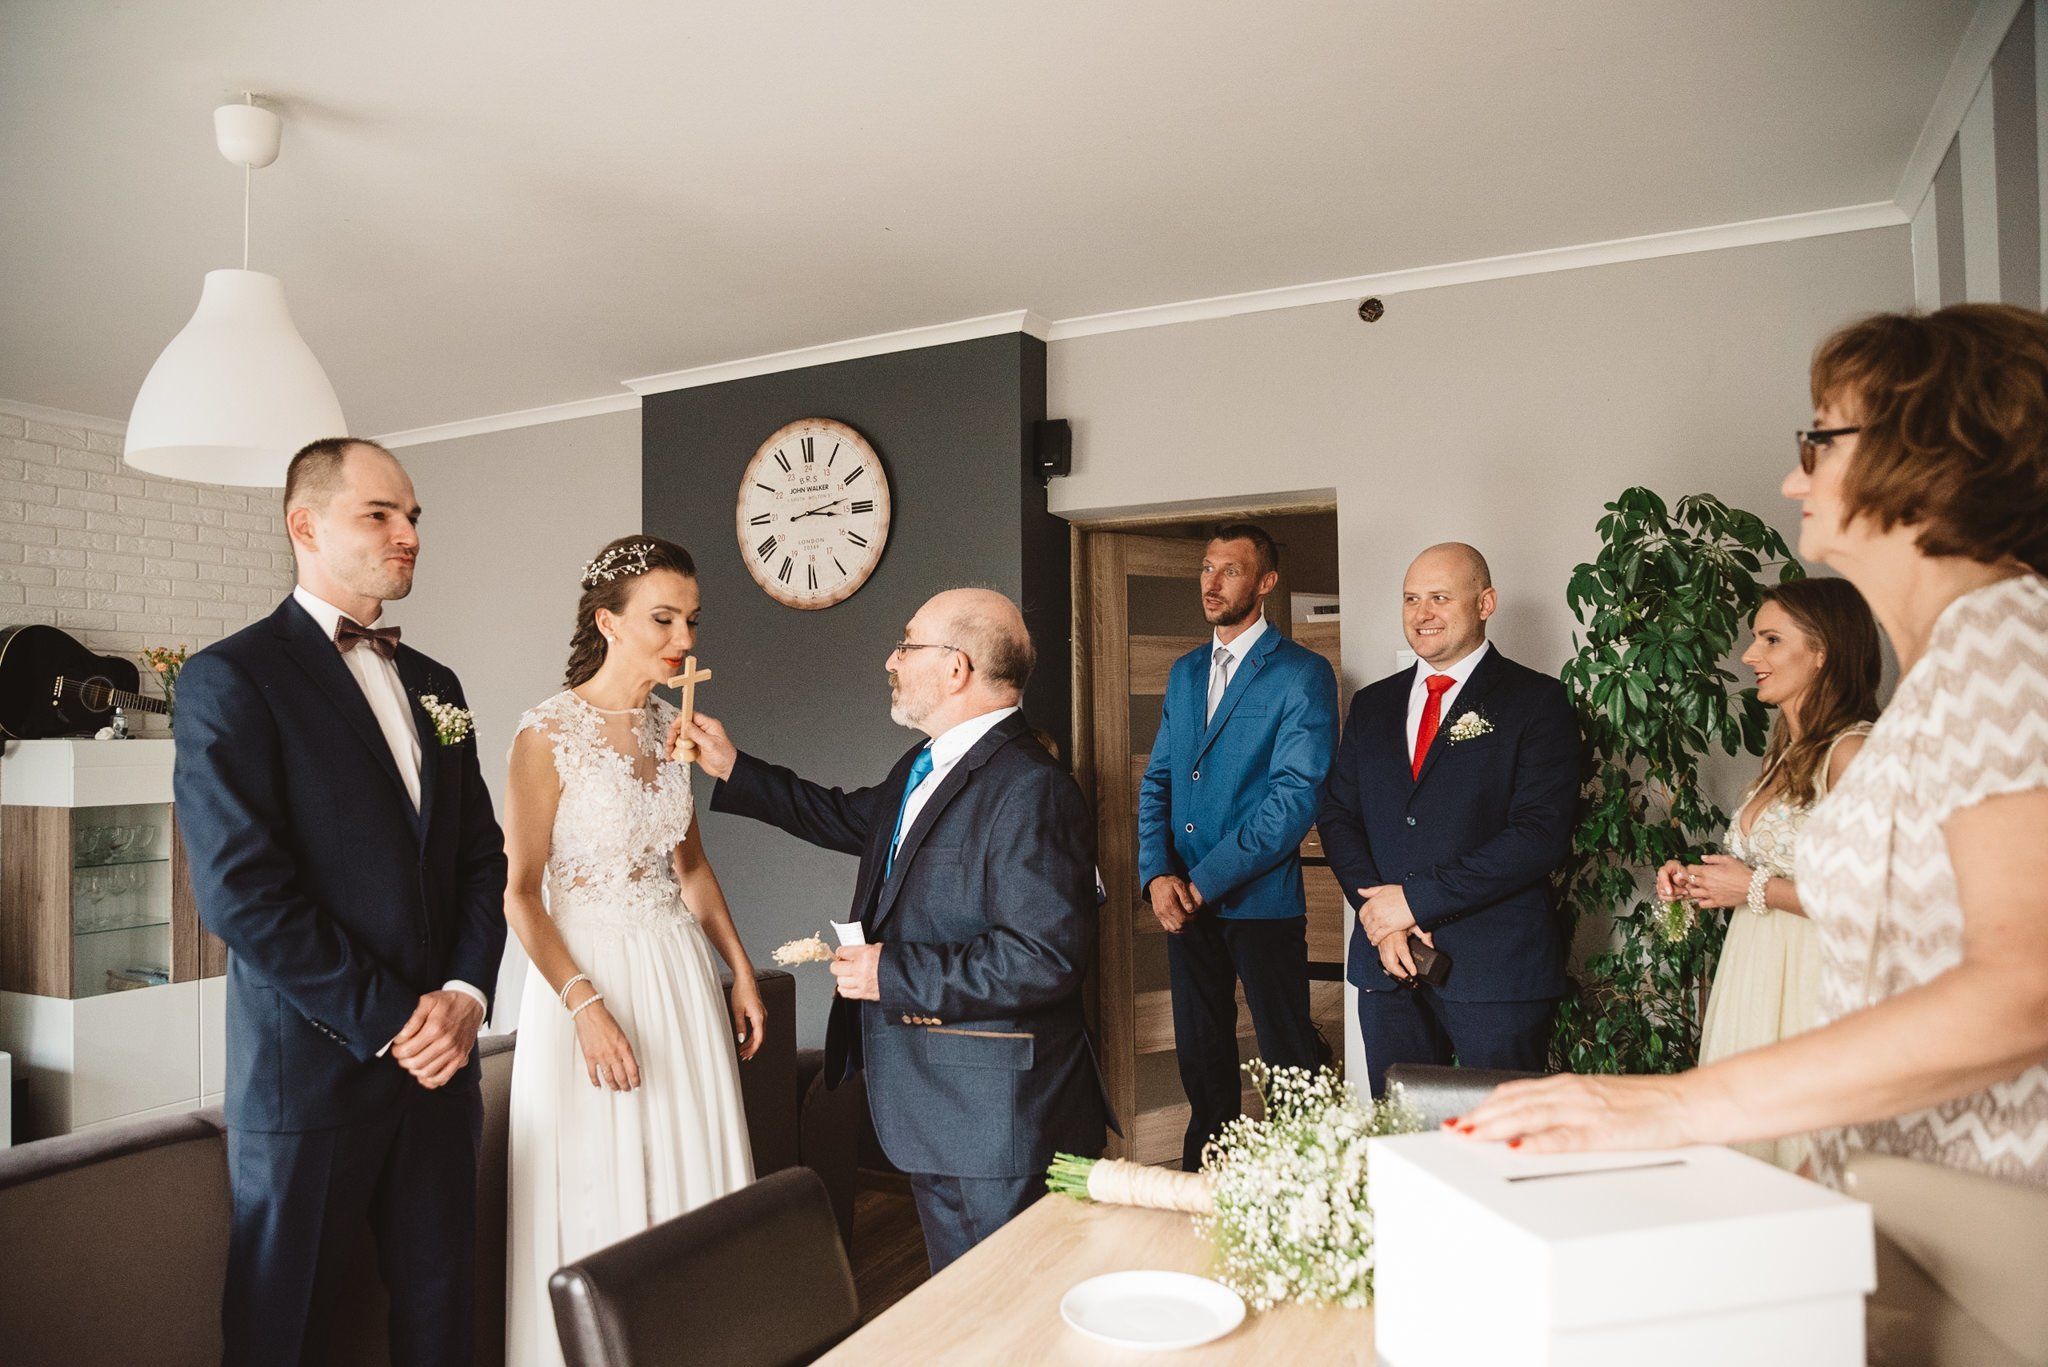 Ala i Arek, czyli jak zorganizować ślub i wesele w 4 tygodnie! 45